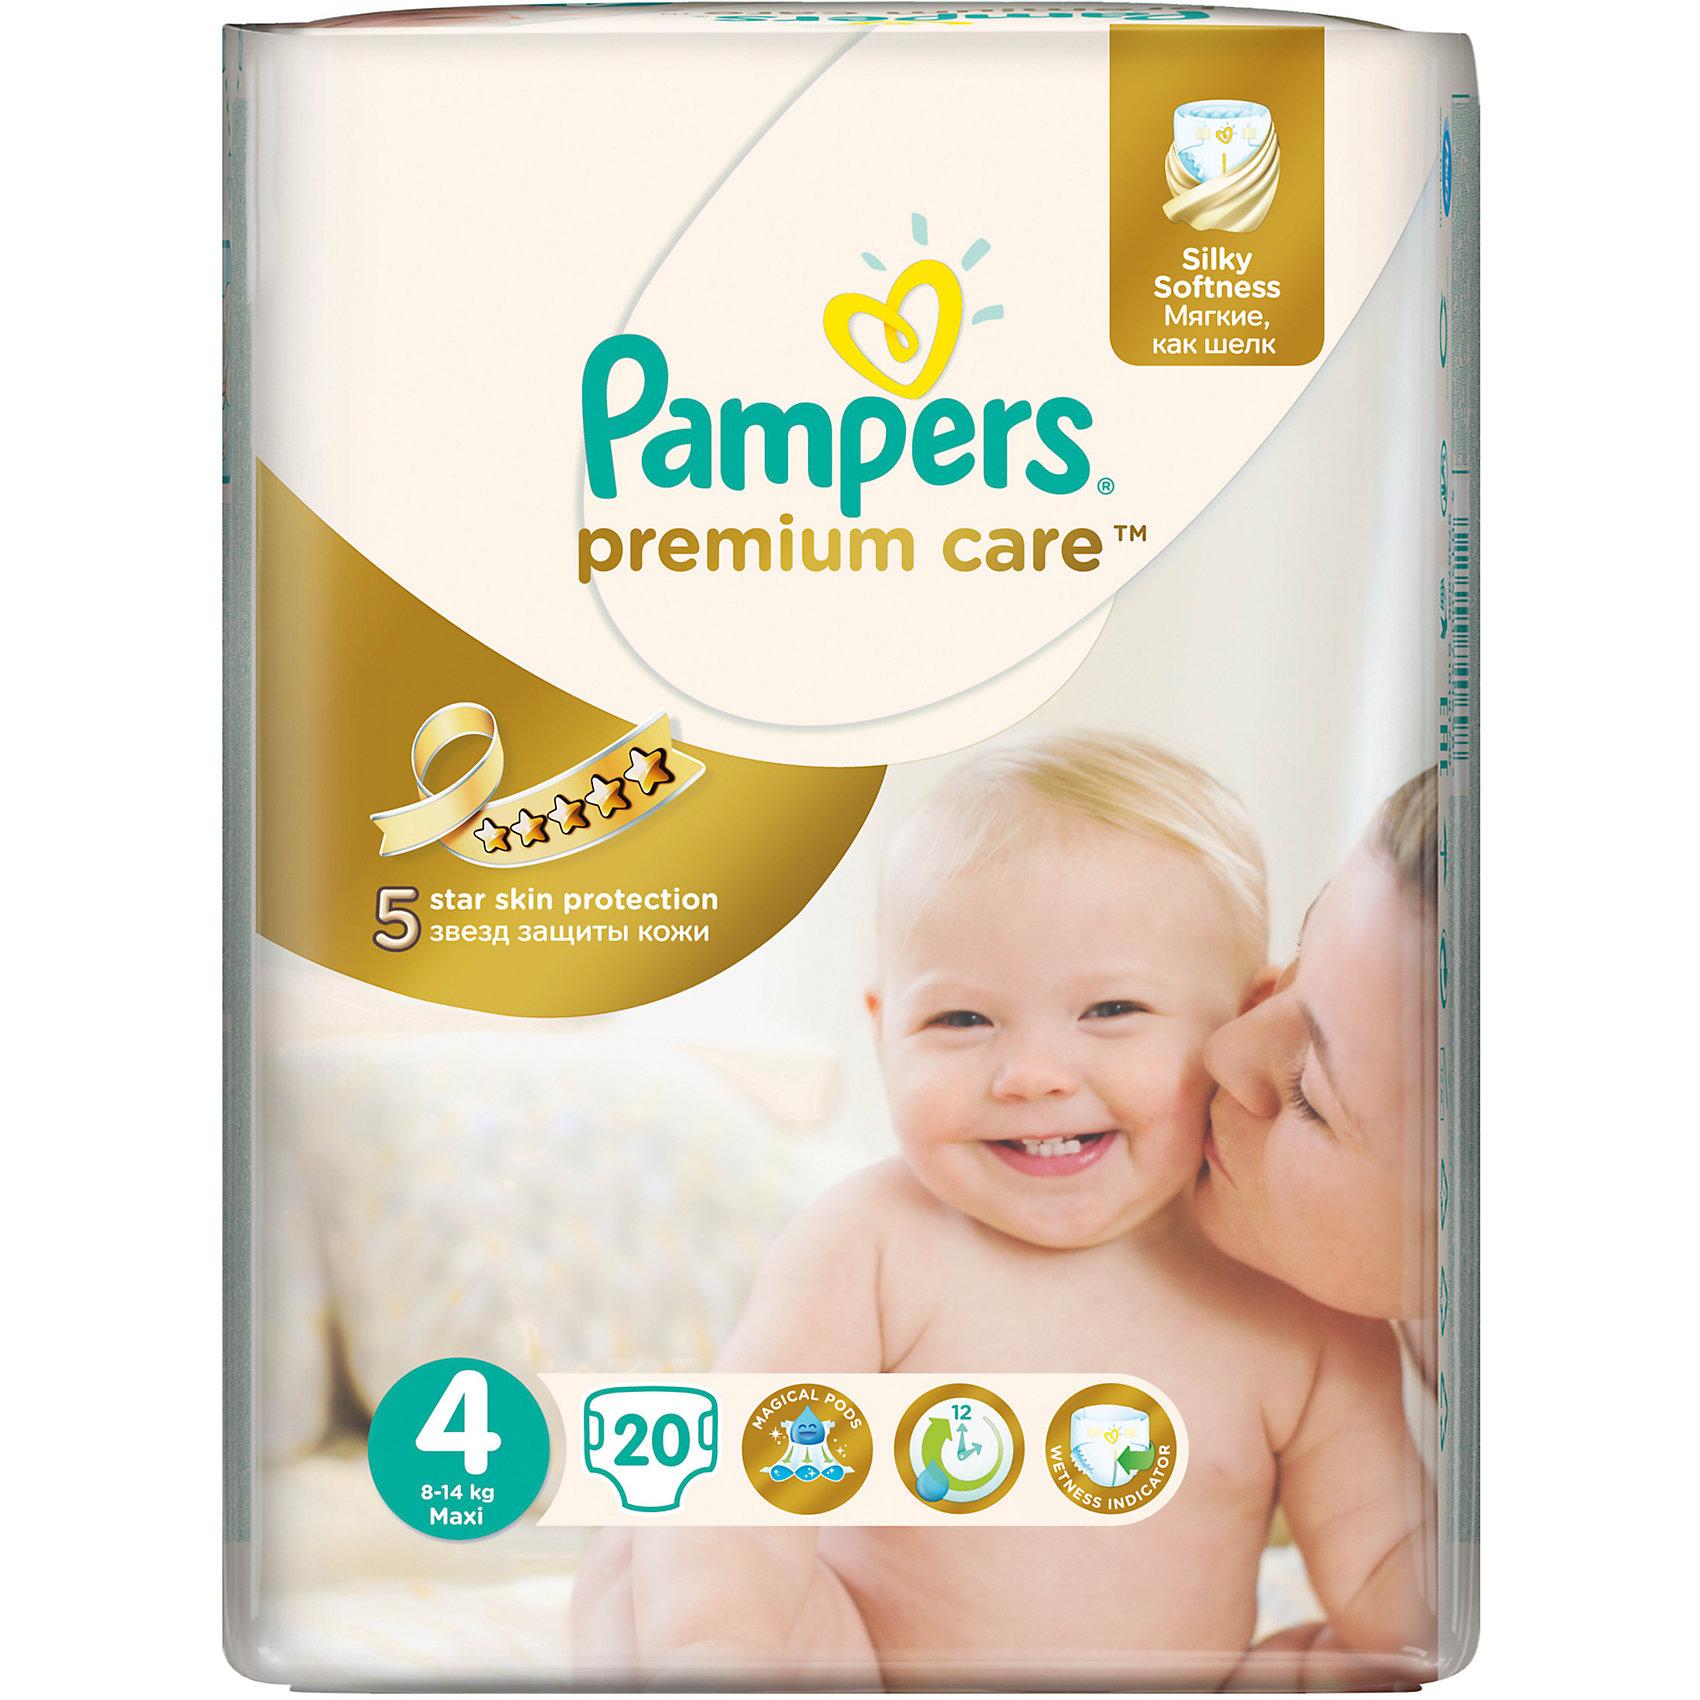 Подгузники Pampers Premium Care 8-14 кг., 20 шт.Подгузники Pampers Premium Care (Памперс премиум кеа) 8-14 кг., 20 шт.<br><br>Характеристики:<br><br>• мягкие как шелк<br>• впитывающие каналы равномерно распределяют влагу<br>• удерживают влагу до 12 часов<br>• дышащие материалы обеспечивают правильную циркуляцию воздуха<br>• индикатор влаги подскажет, что нужно сменить подгузник<br>• эластичные боковинки защищают от протеканий<br>• состав бальзама: вазелин, стеариловый спирт, экстракт алоэ, жидкий вазелин/вазелиновое масло<br>• размер: 8-14 кг<br>• количество: 20 шт.<br>• размер упаковки: 21,8х11,5х17,8 см<br>• вес: 595 грамм<br><br>Подгузники Pampers Premium Care подарят вашему малышу сухость и комфорт на всю ночь! Подгузники имеют три впитывающих канала, которые позволяют равномерно распределить влагу без образования комков. Специальный впитывающий слой быстро абсорбирует и удерживает влагу до 12 часов, позволяя избежать соприкосновения с кожей. Эластичные боковинки подгузников помогут предотвратить натирание на коже. Внешний слой позволяет коже ребёнка дышать всю ночь, обеспечивая правильную микроциркуляцию кожи. Подгузники имеют индикатор влаги, который напомнит вам о необходимости смены подгузника. Pampers Premium Care мягкие словно шёлк. В них кроха всегда будет готов к новым открытиям!<br><br>Подгузники Pampers Premium Care (Памперс премиум кеа) 8-14 кг., 20 шт. можно купить в нашем интернет-магазине.<br><br>Ширина мм: 178<br>Глубина мм: 115<br>Высота мм: 218<br>Вес г: 595<br>Возраст от месяцев: 6<br>Возраст до месяцев: 36<br>Пол: Унисекс<br>Возраст: Детский<br>SKU: 5423657